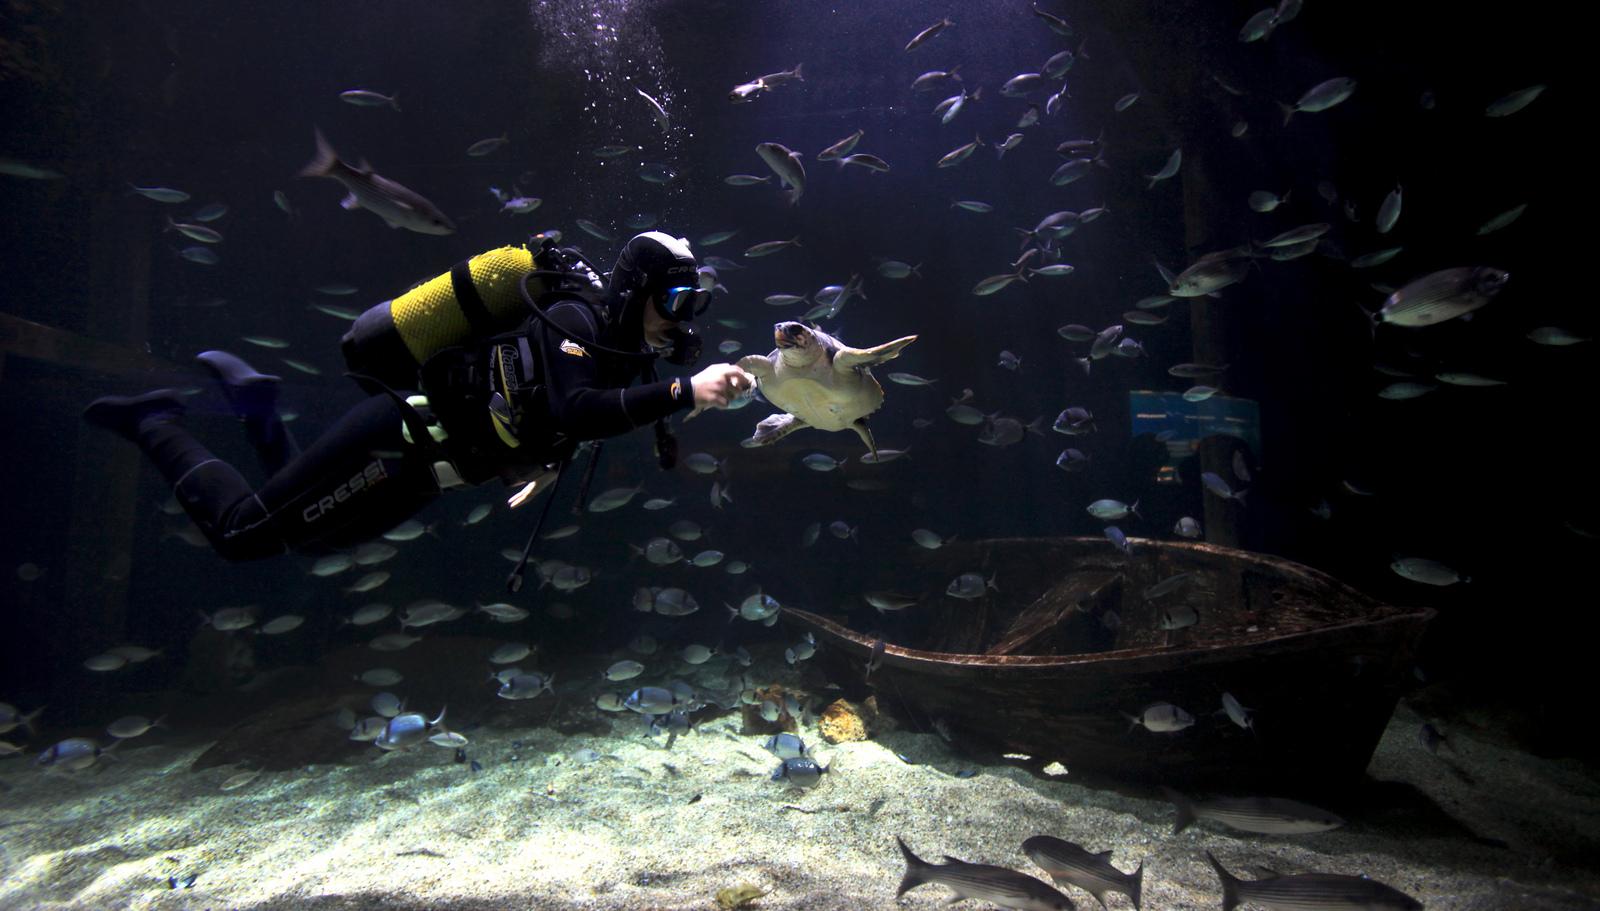 Buceando entre especies marinas en el Oceanogràfic de Valencia. Autor, Ciudad de las Artes y las Ciencias